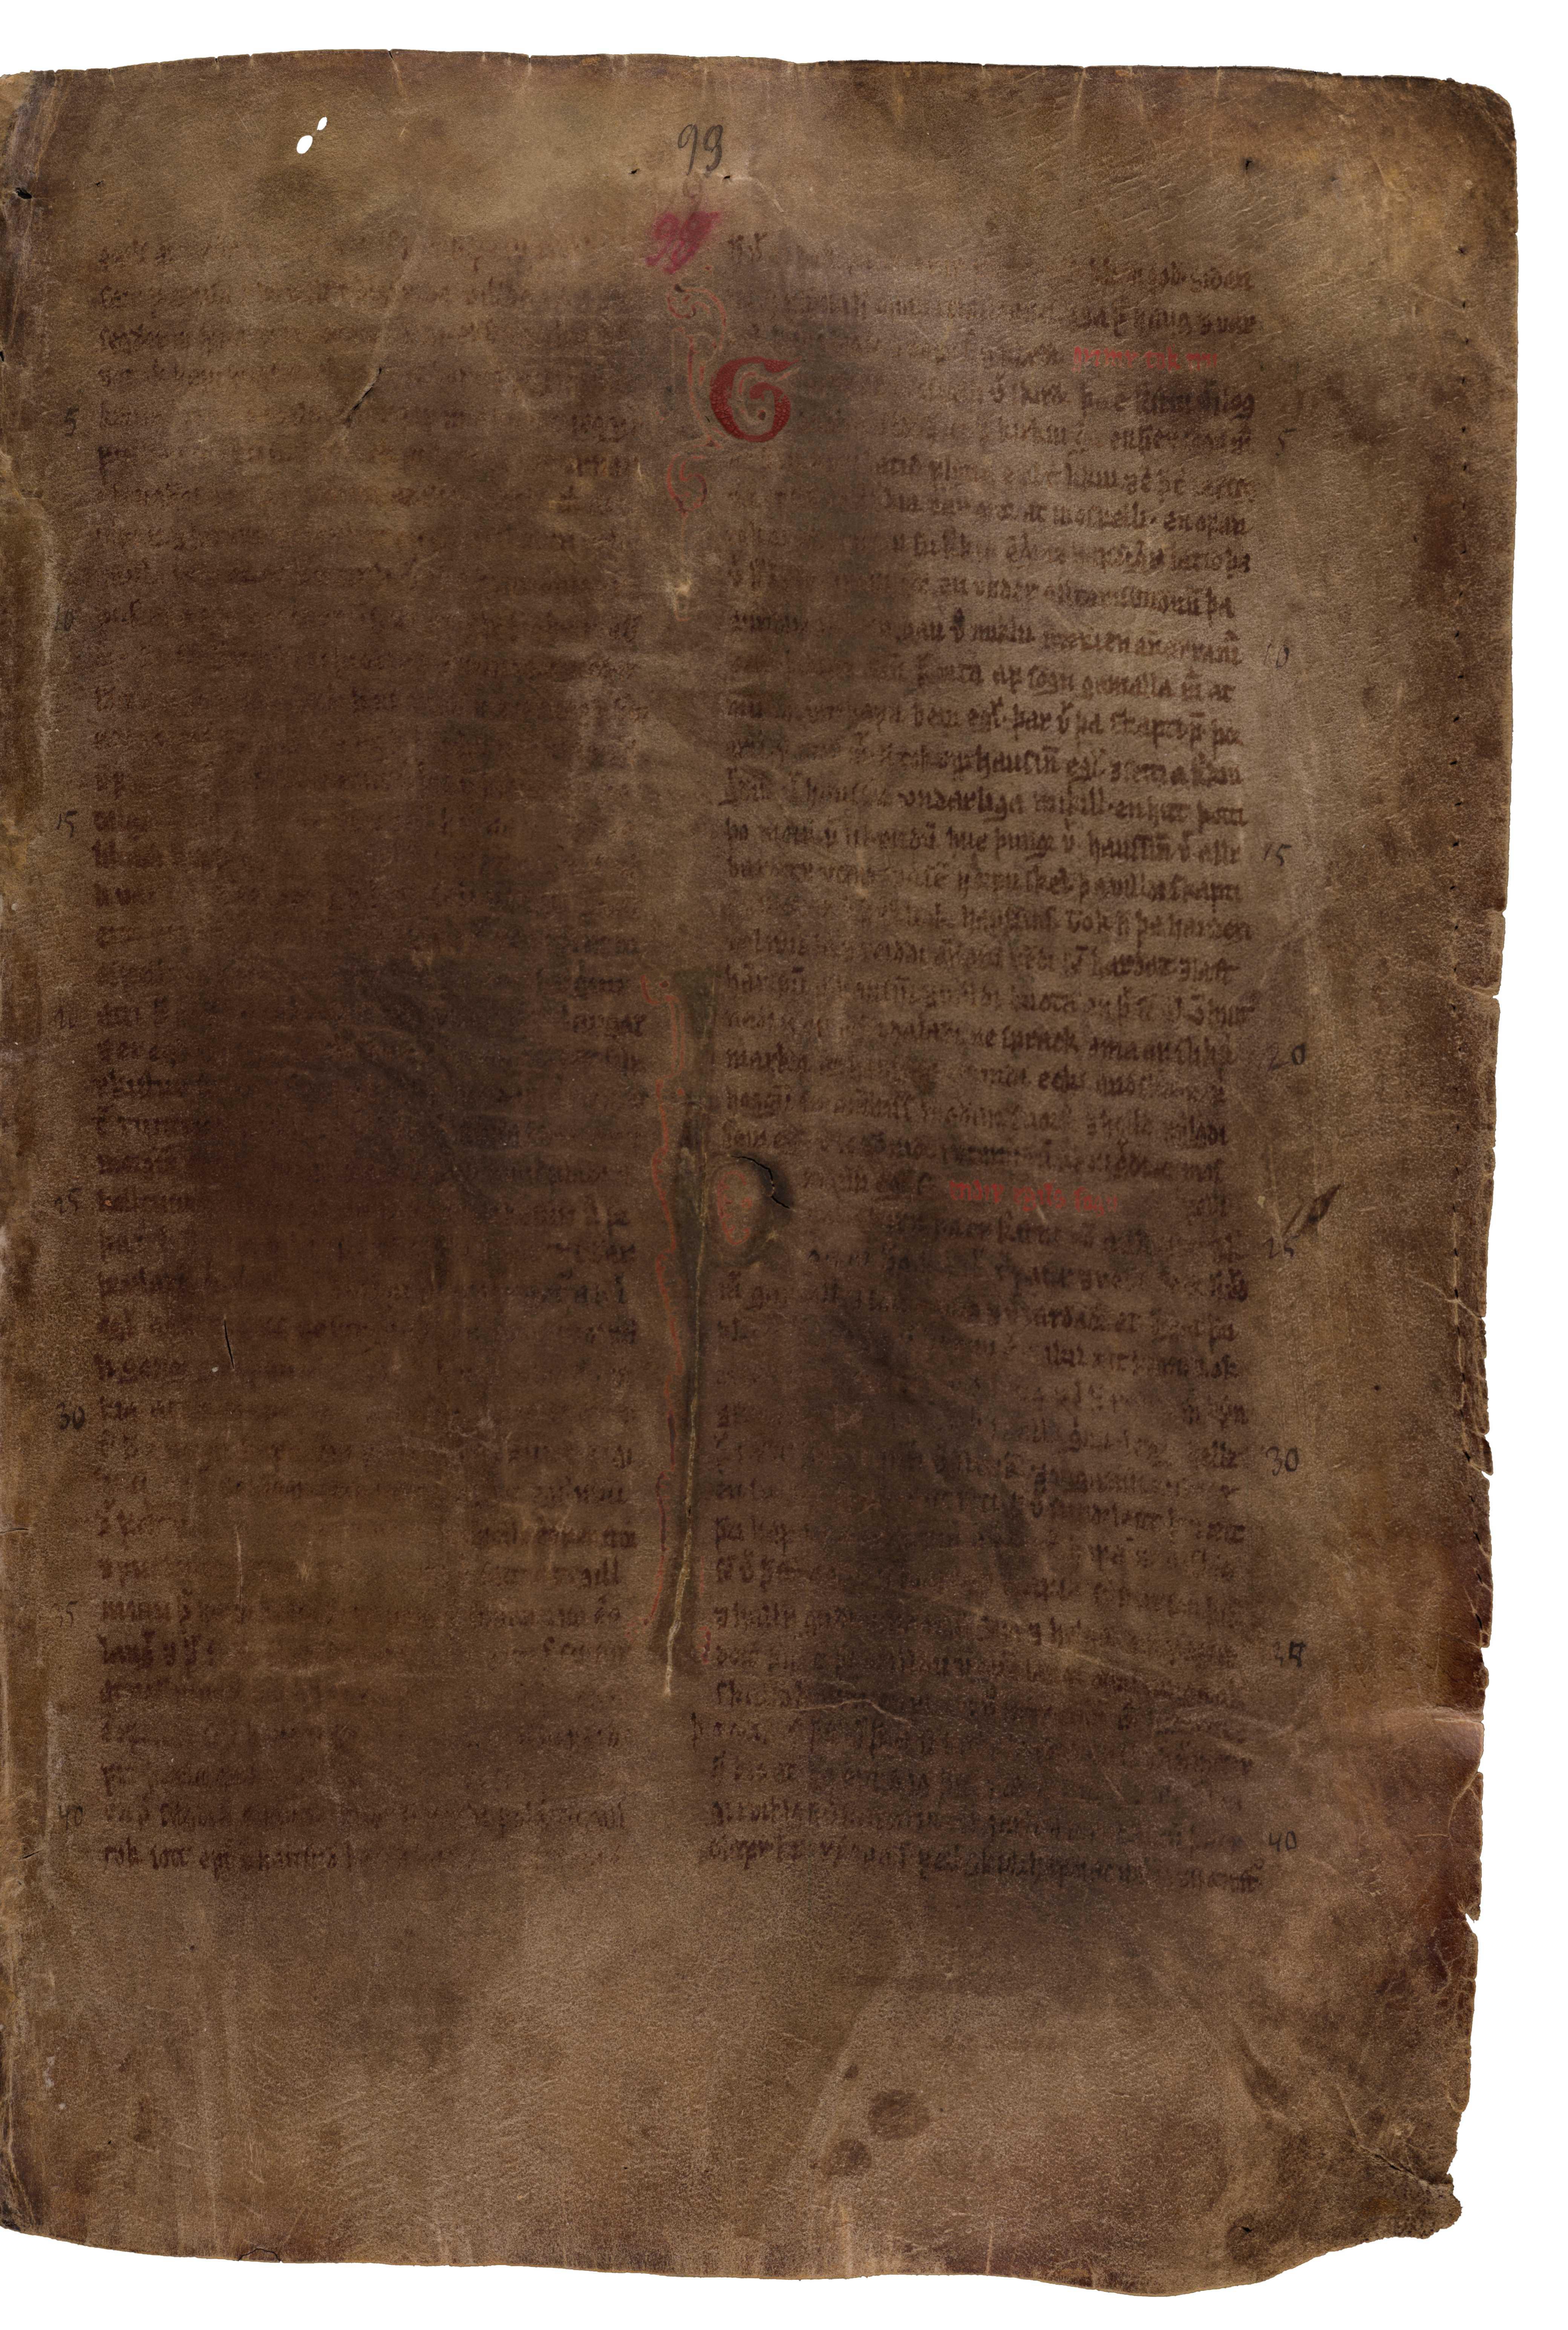 AM 132 fol - 99r